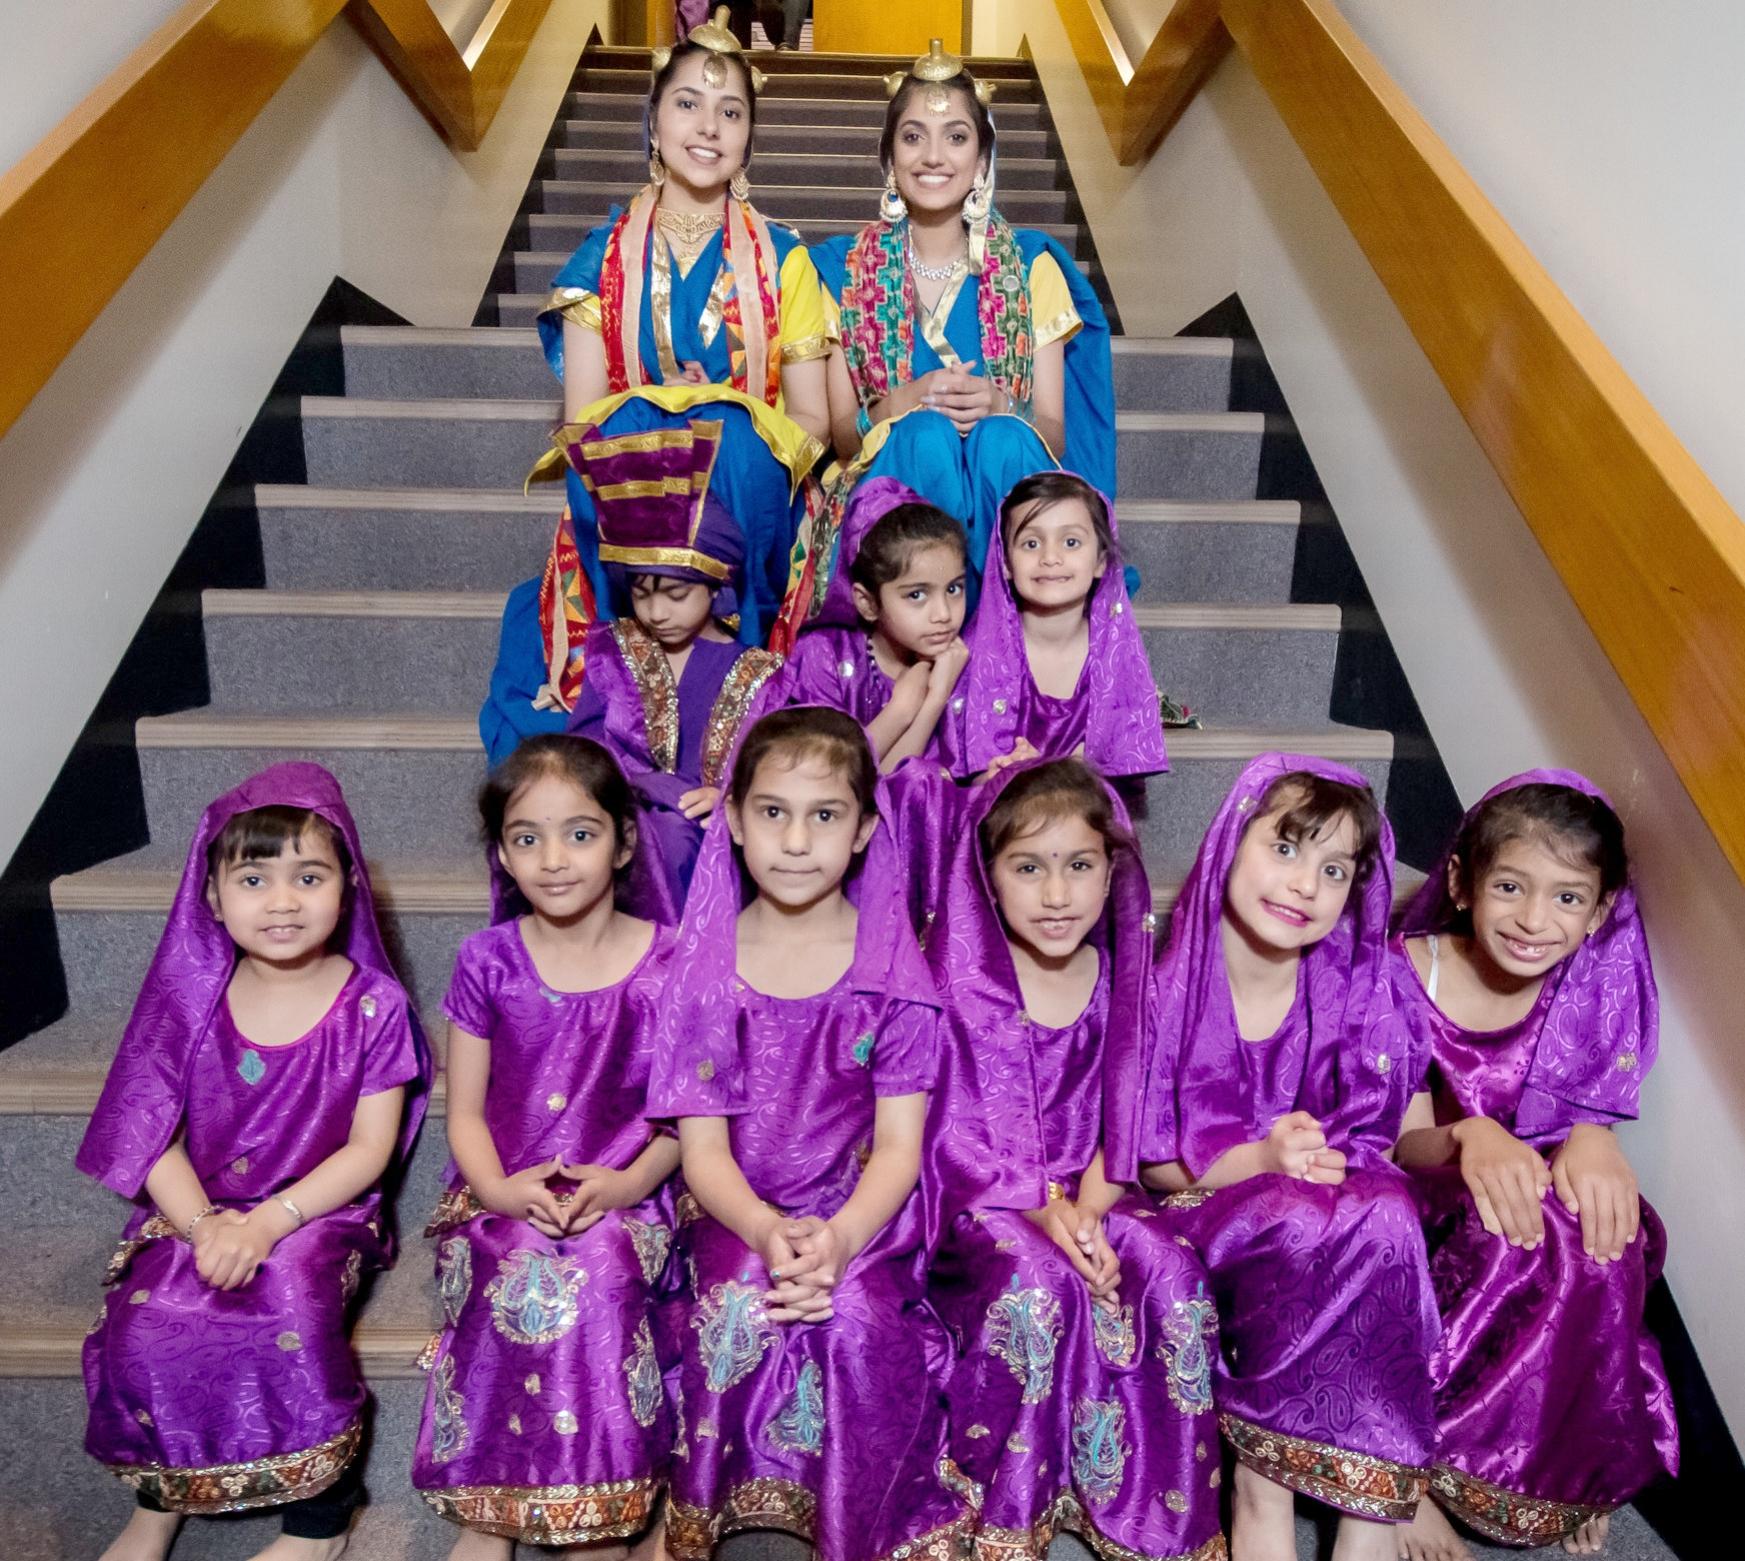 20170514 - Shan-e-Punjab Vaisakhi performance-0004.jpg